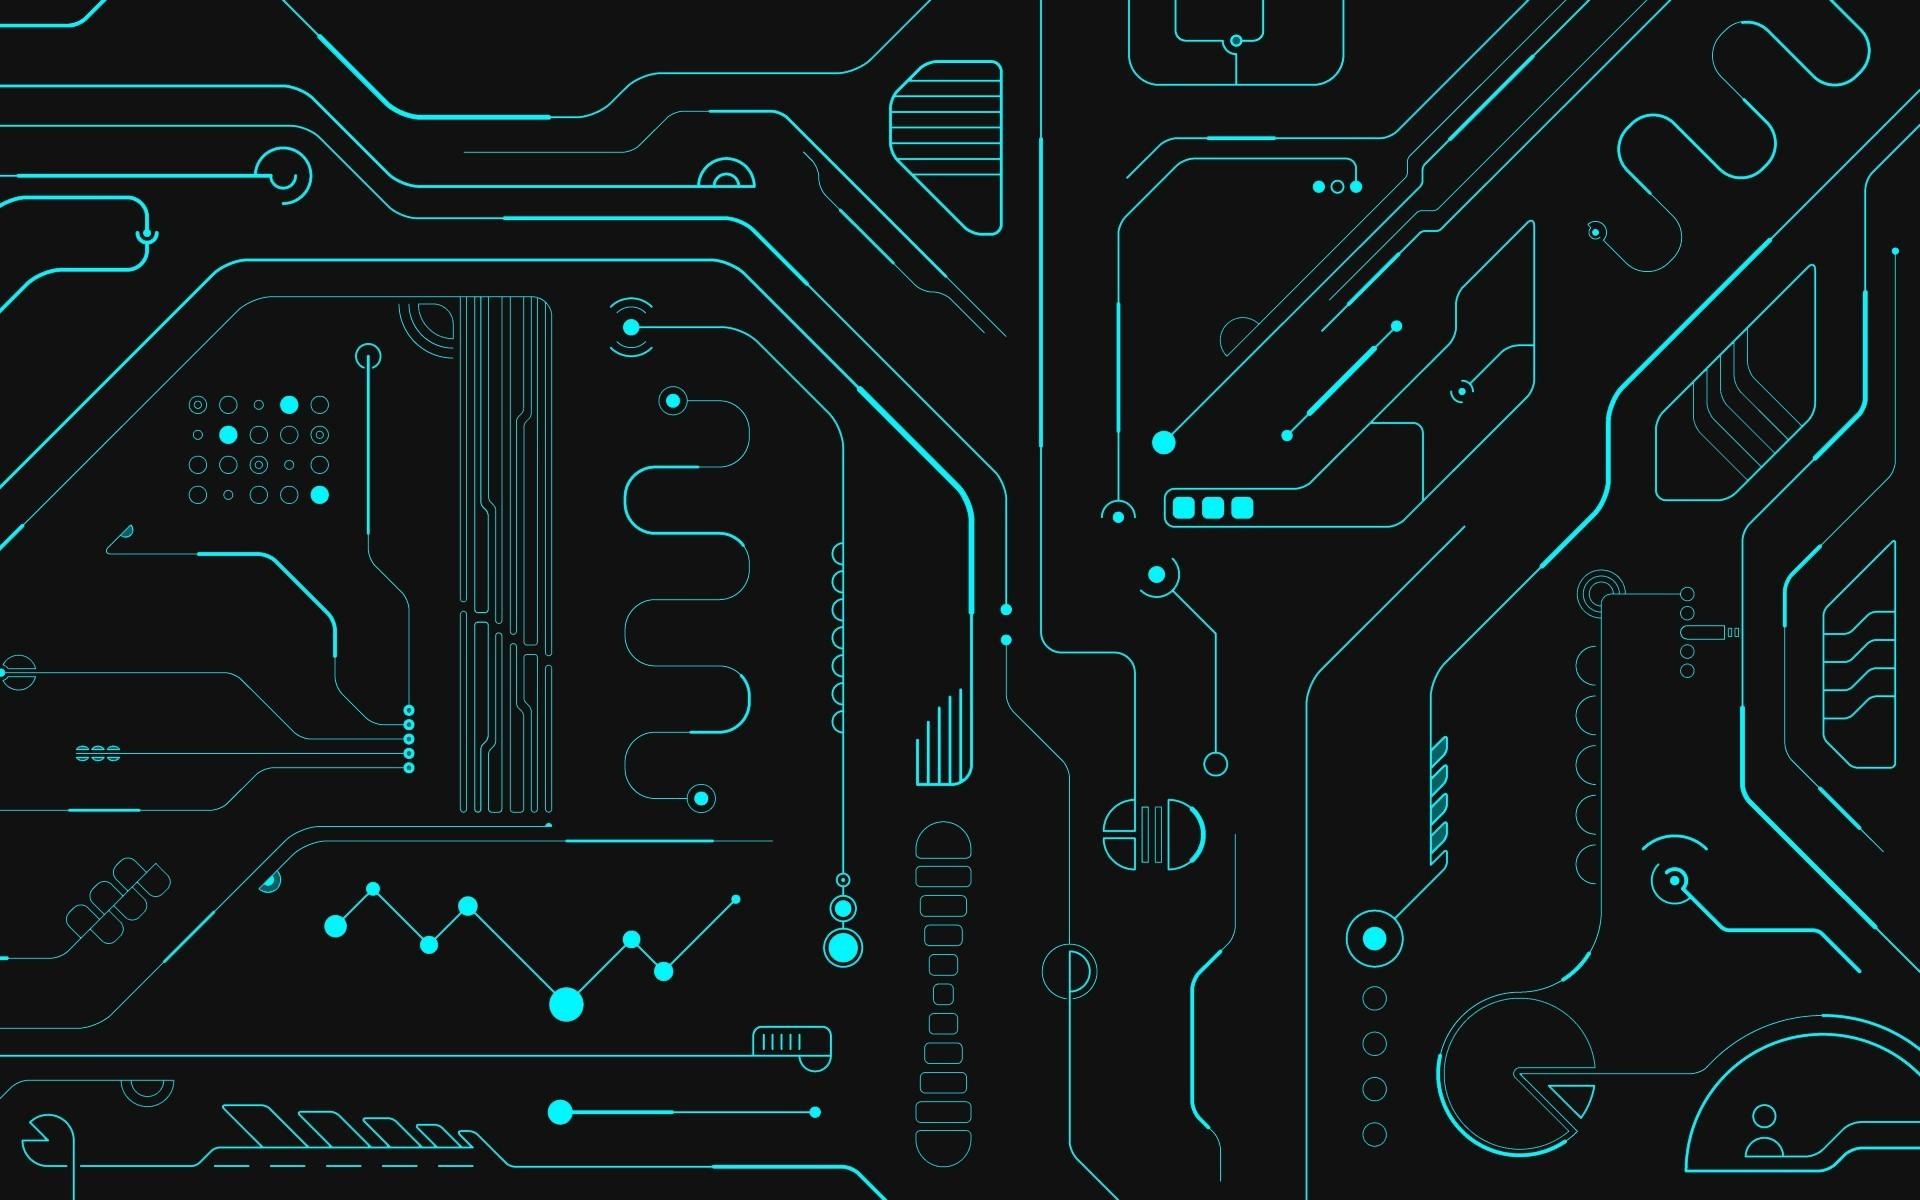 Iphone X Motherboard Wallpaper Картинки плата скачать для рабочего стола заставки схема